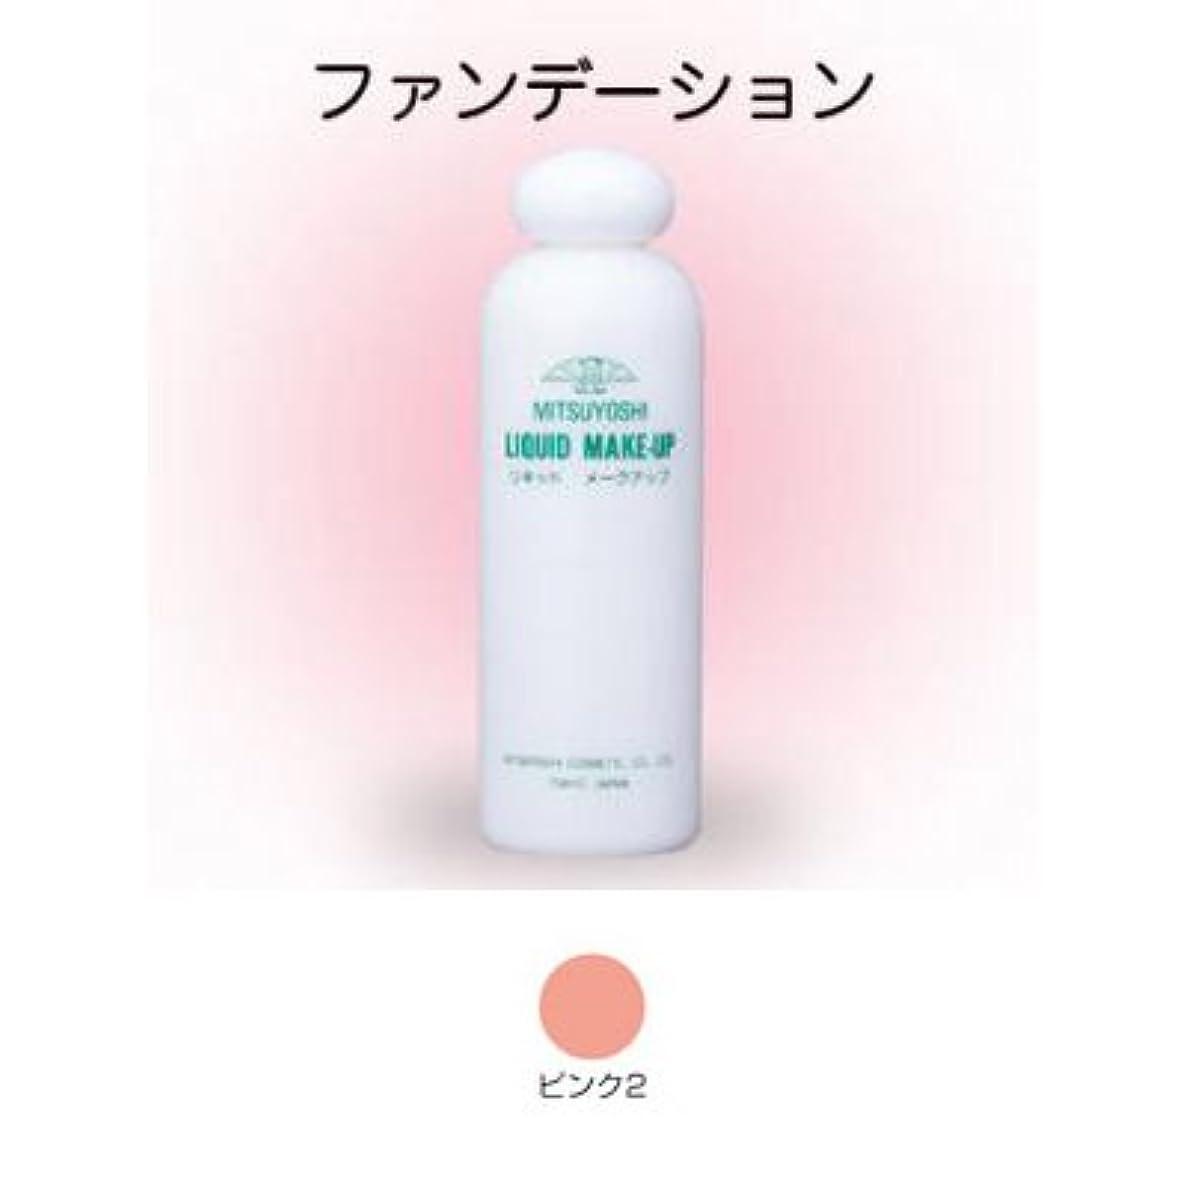 自分夏誰かリキッドメークアップ 200ml ピンク2 【三善】